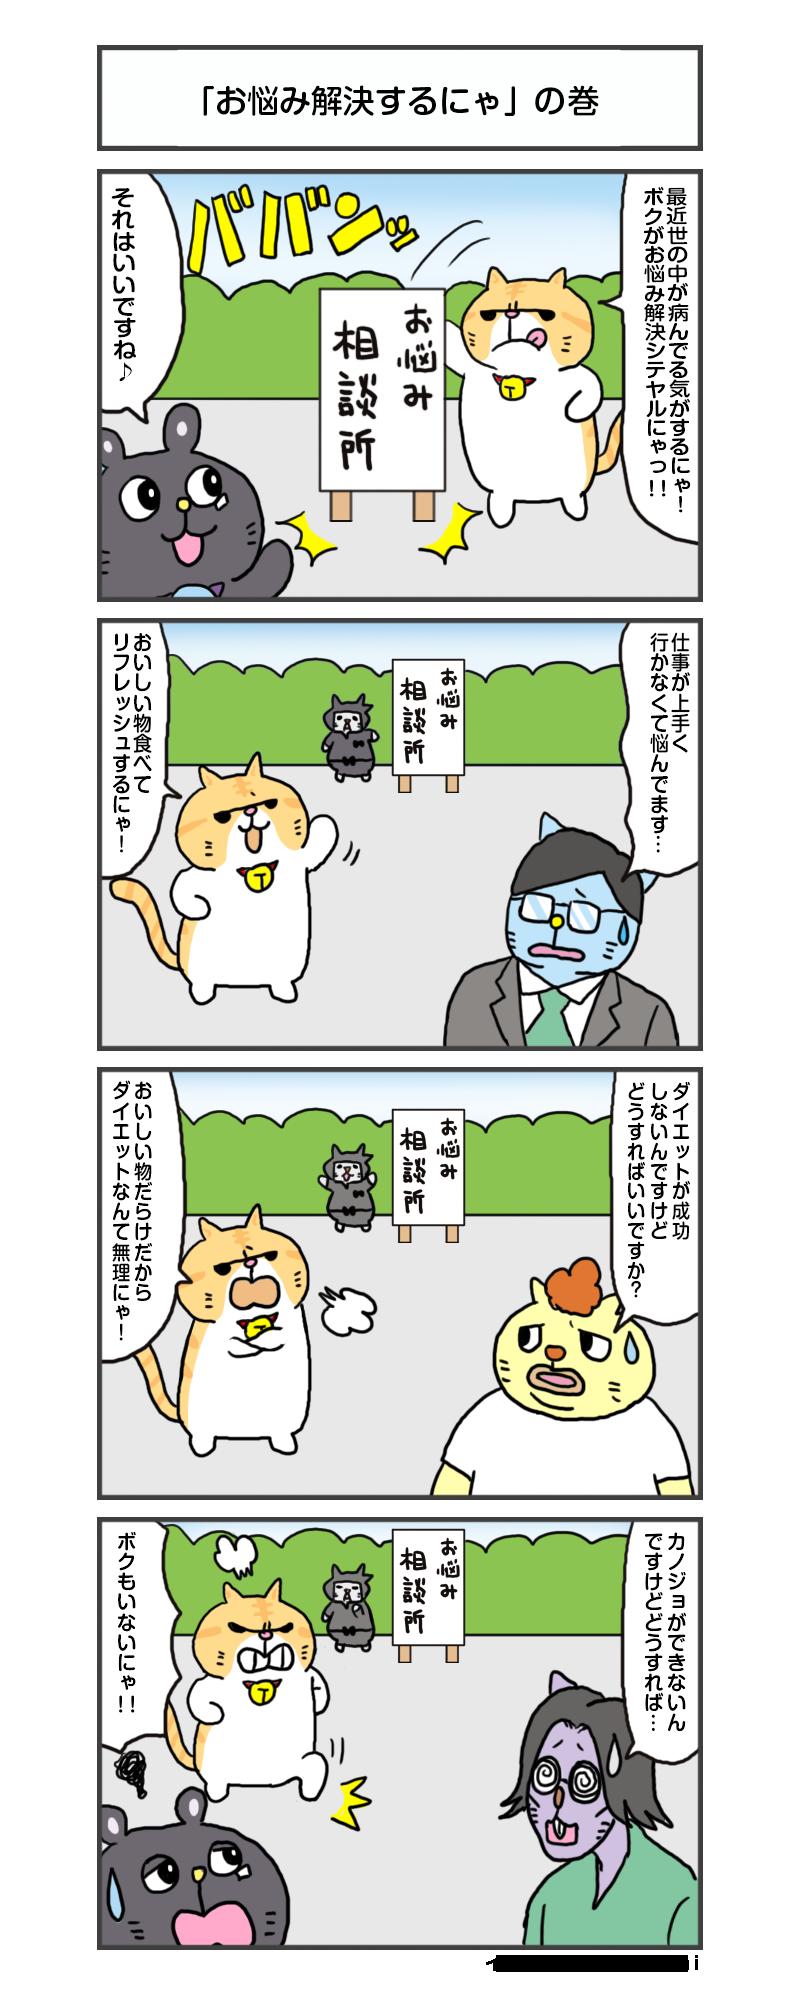 縺医″縺昴y縺・anga_vol.237